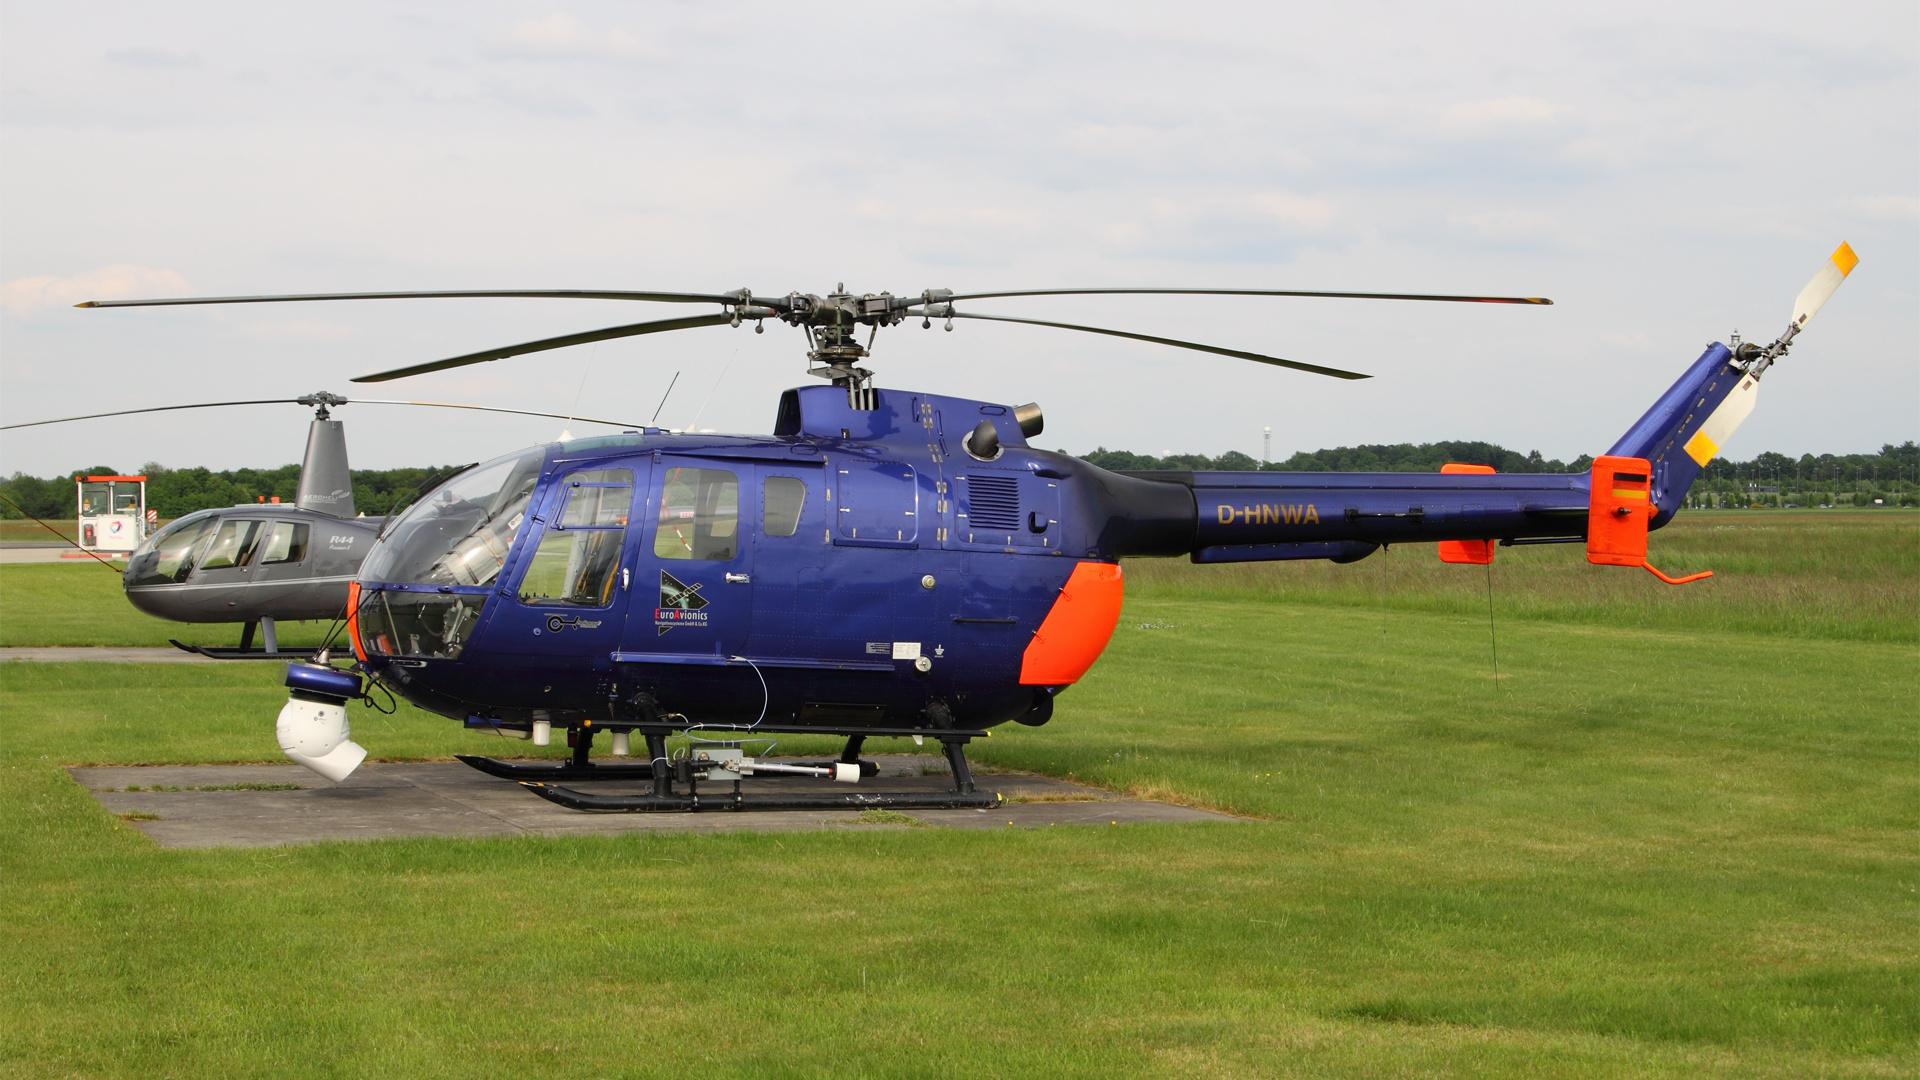 D-HNWA-1 BO105 ESS 201005